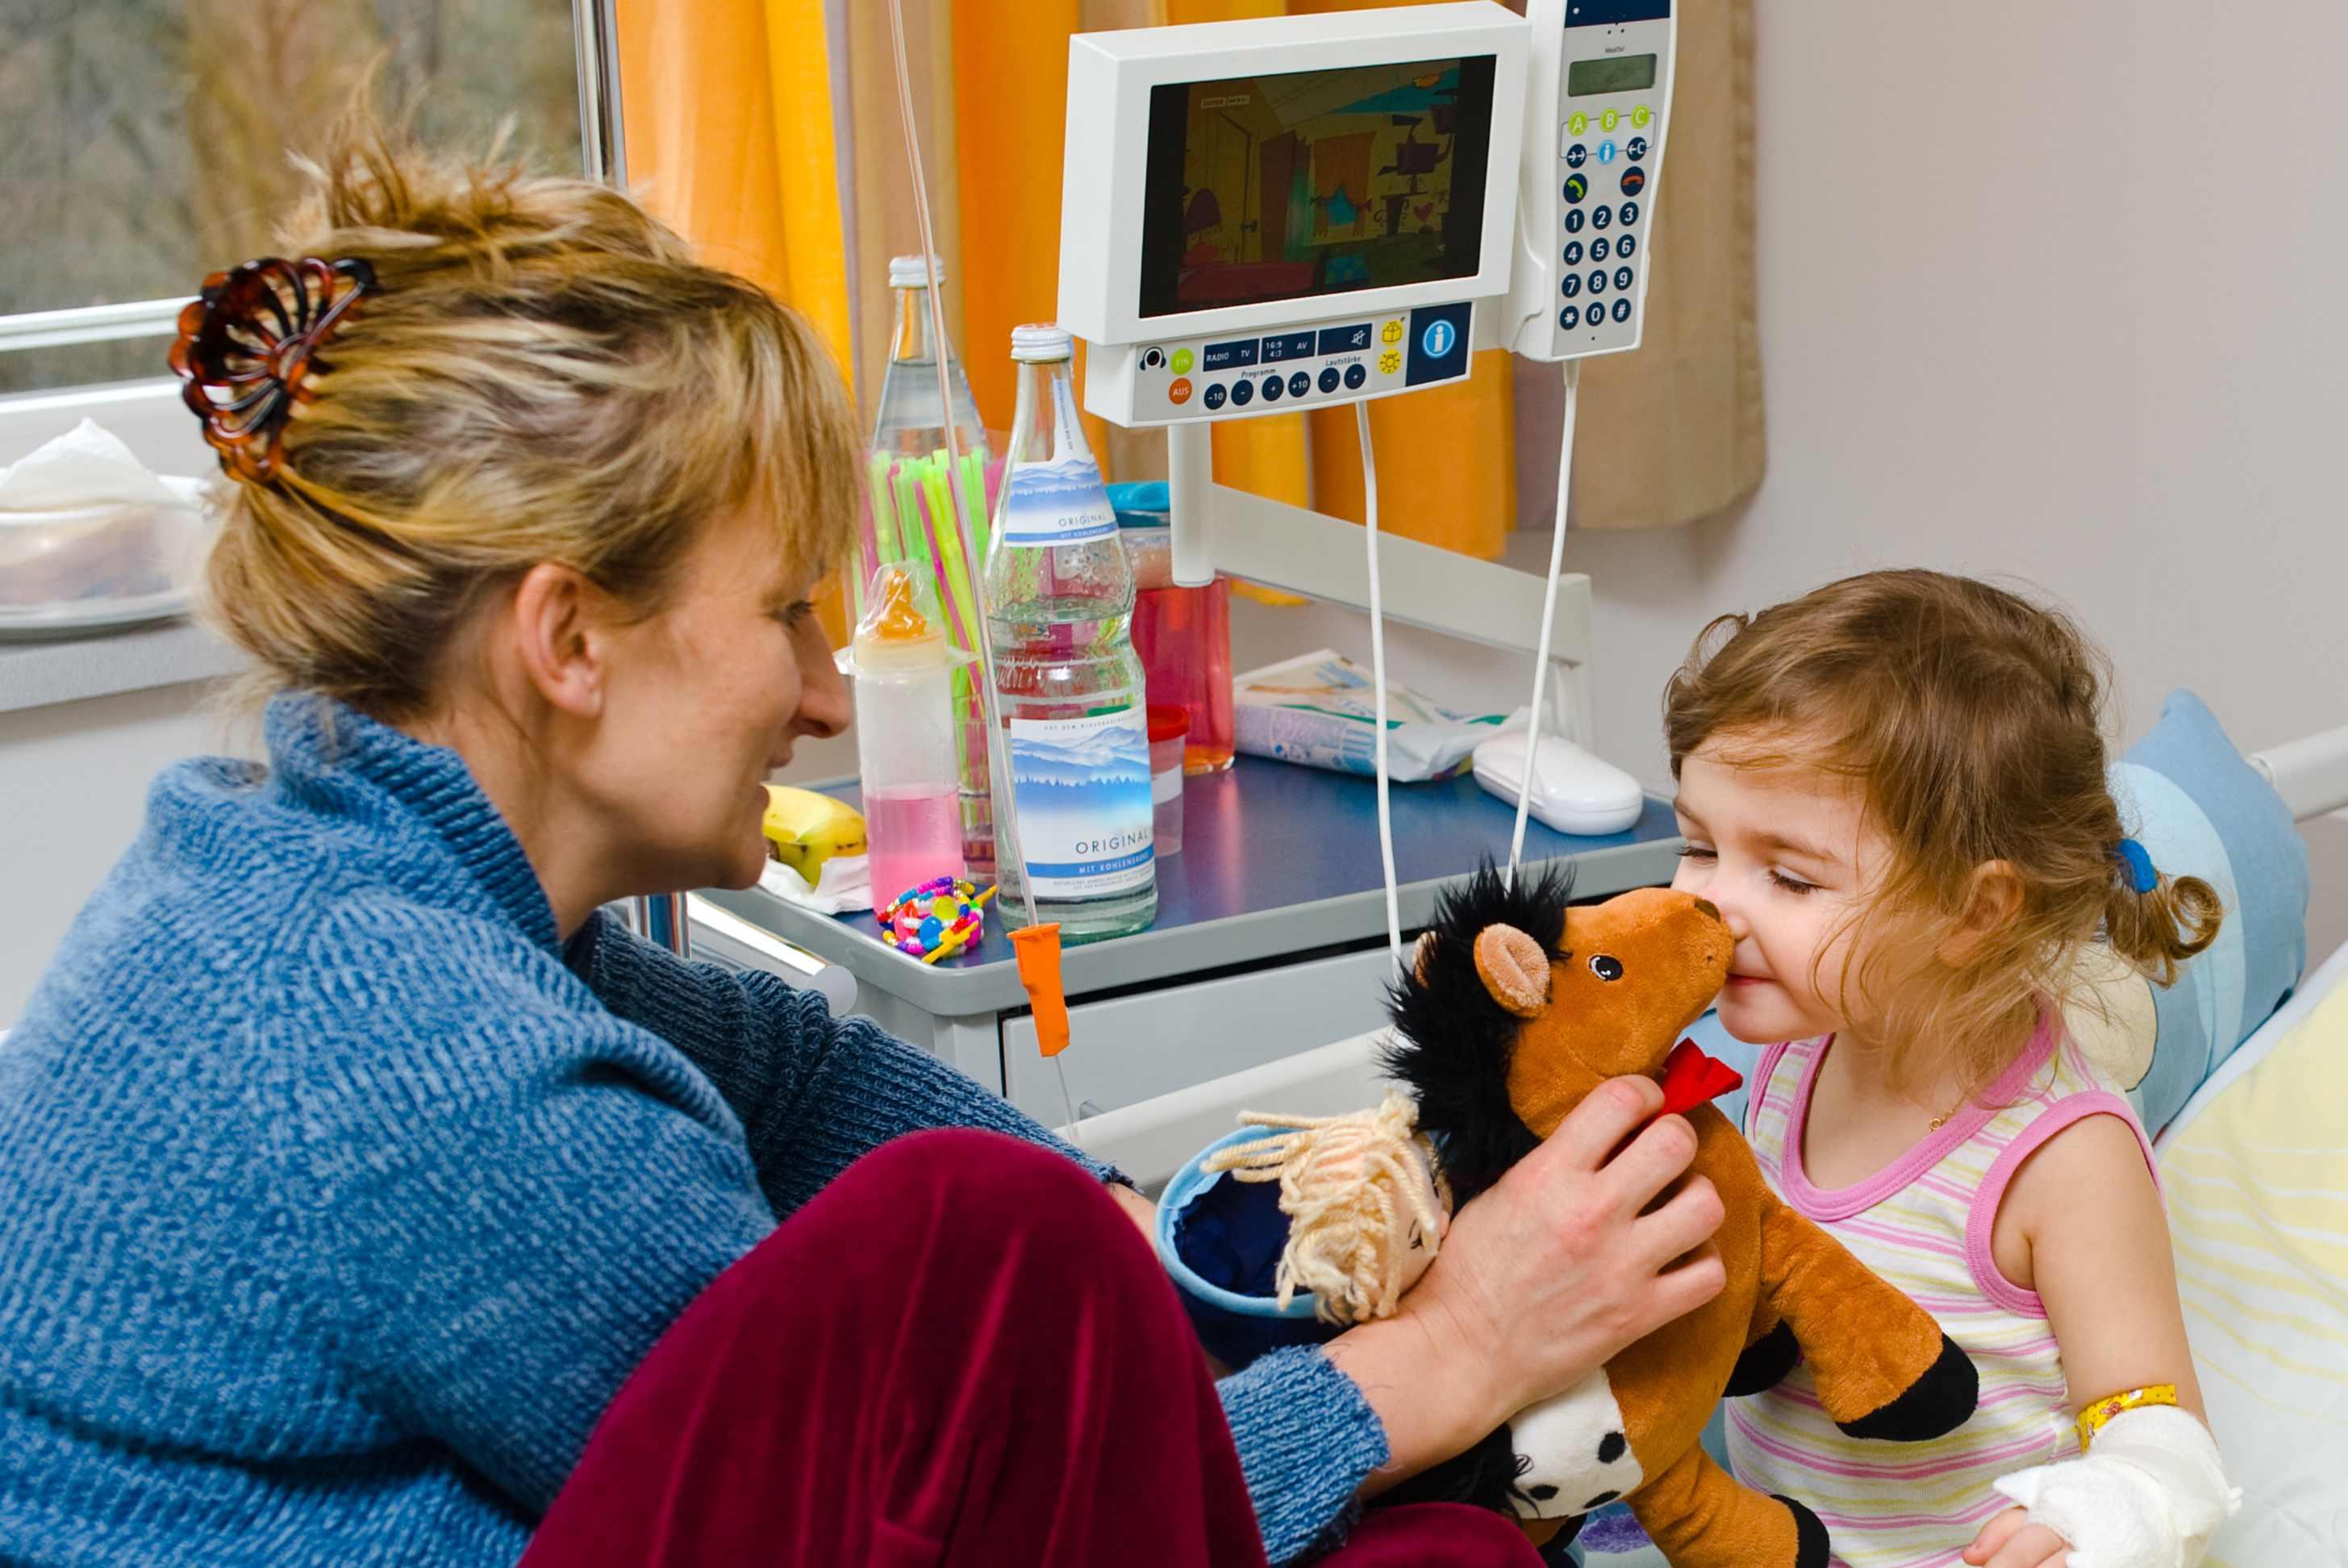 Kindje opgenomen in ziekenhuis